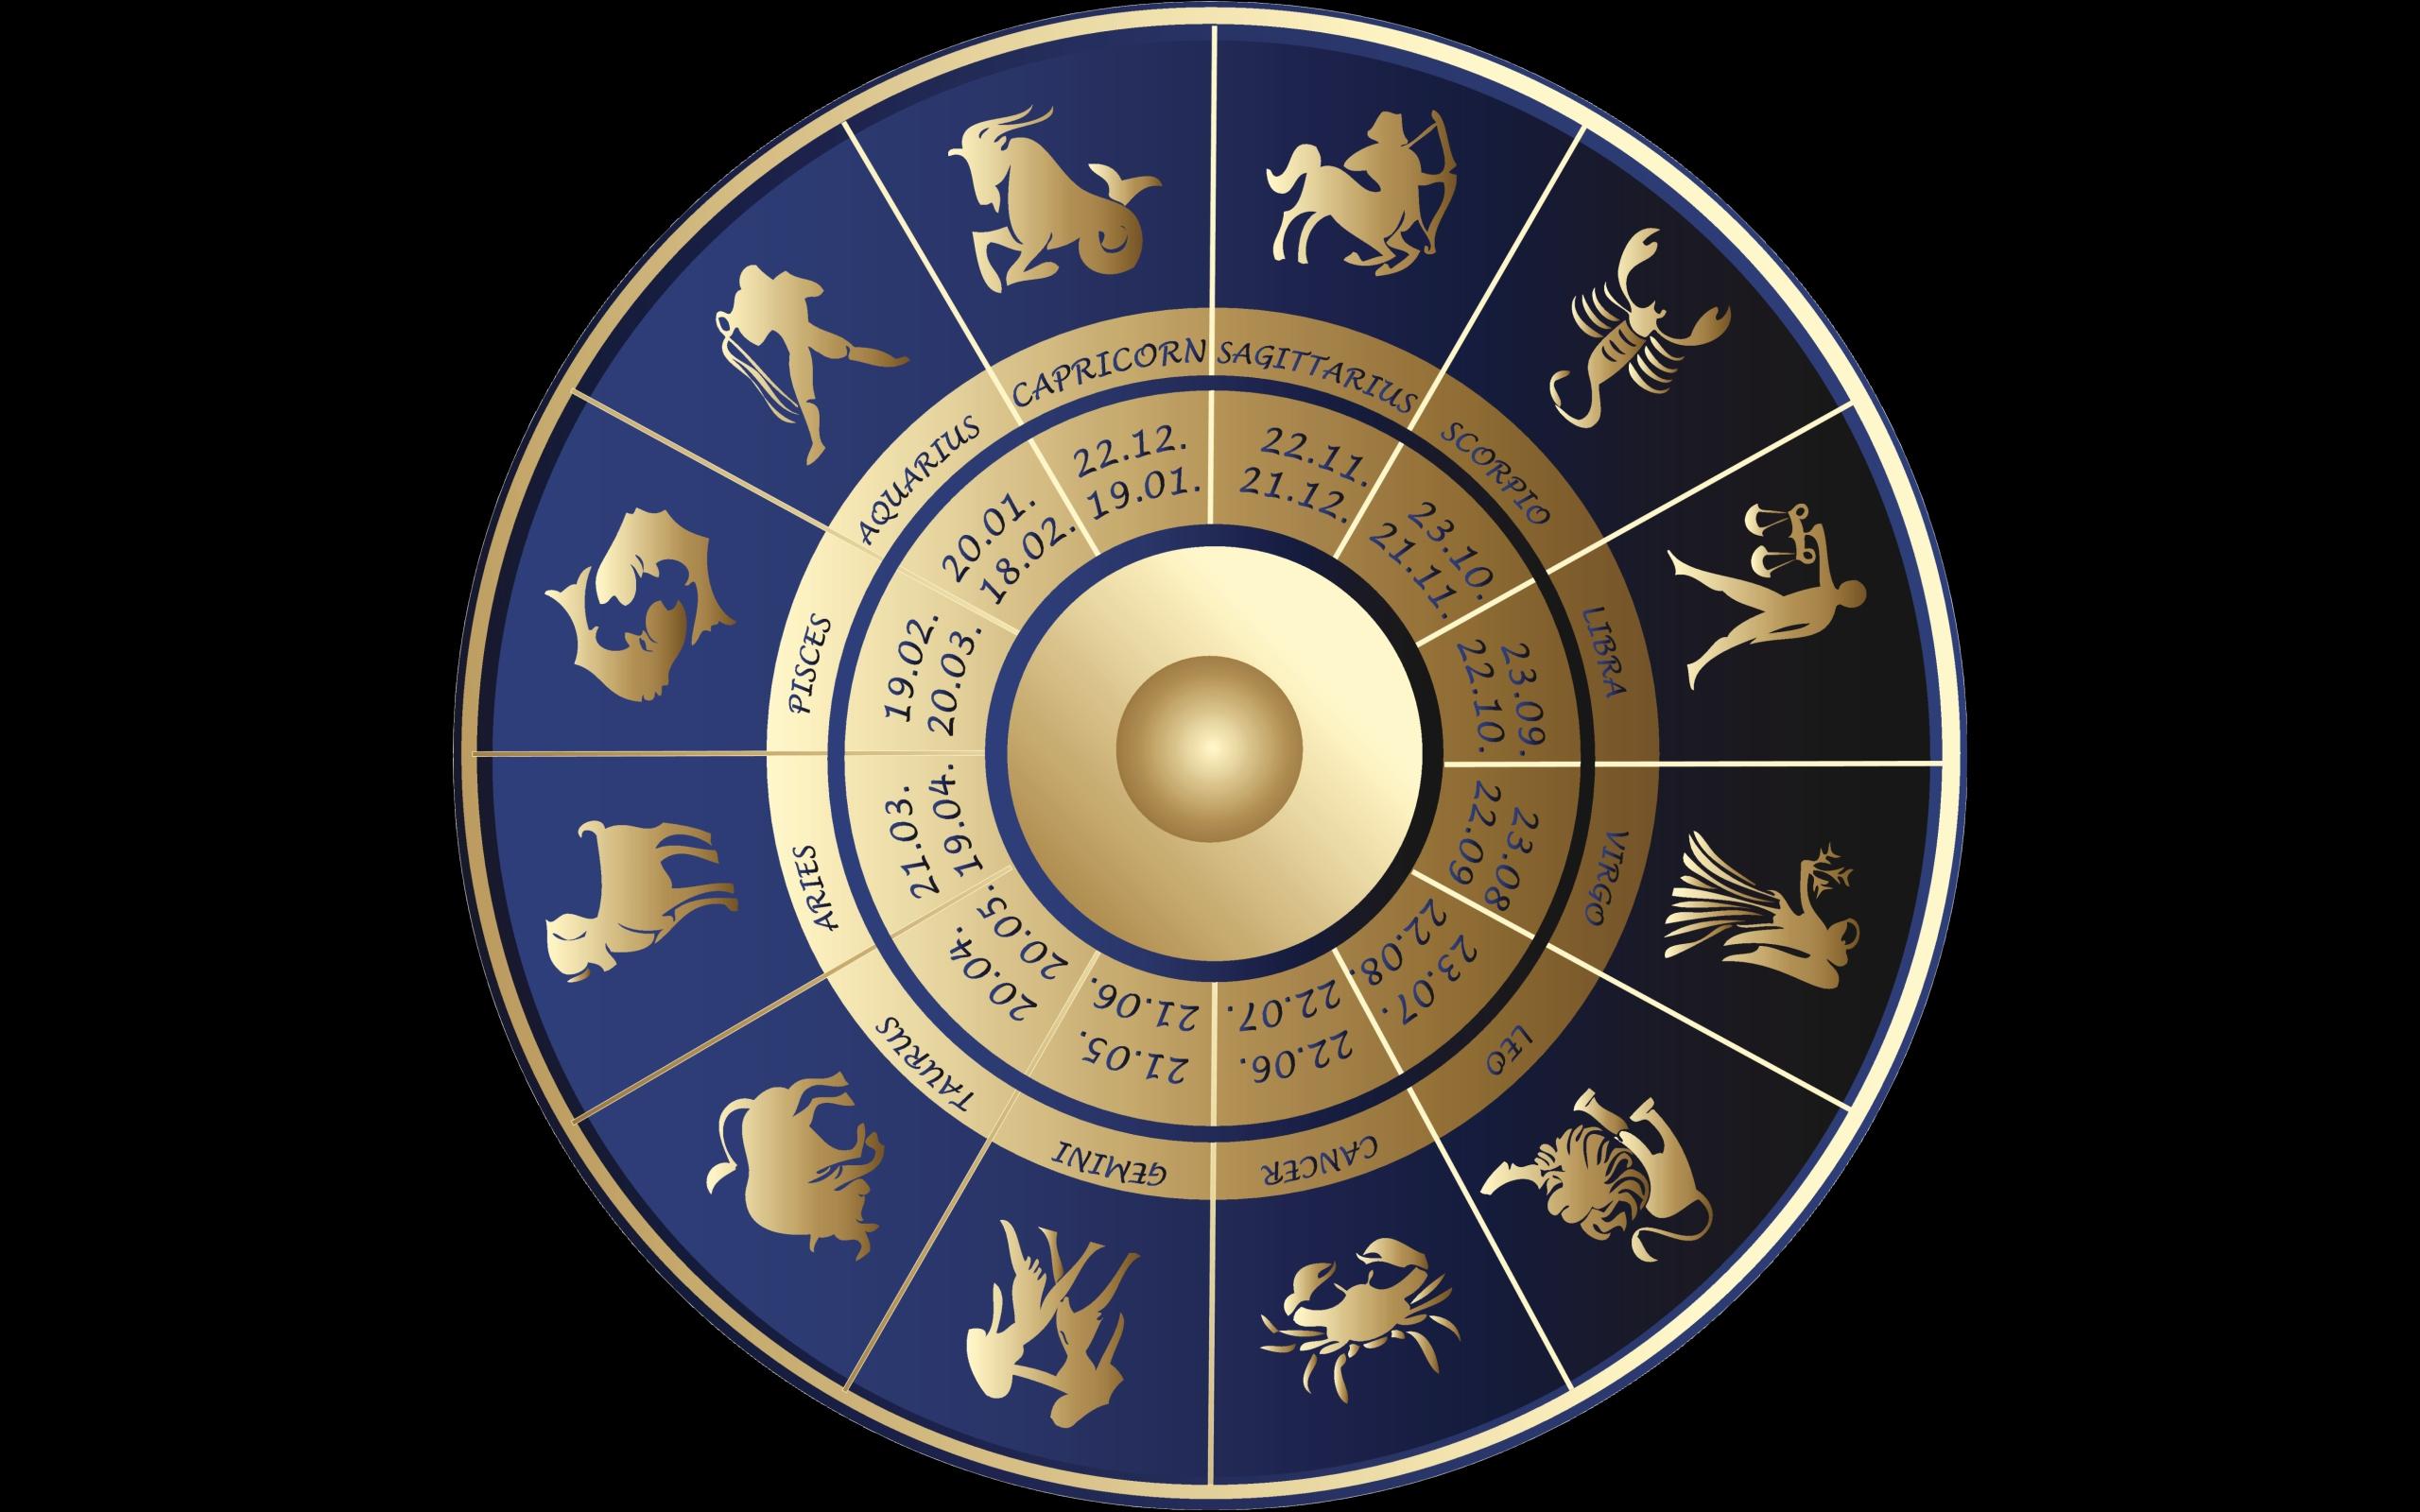 Вот каким будет 2018 год для вас, на основании вашего знака Зодиака